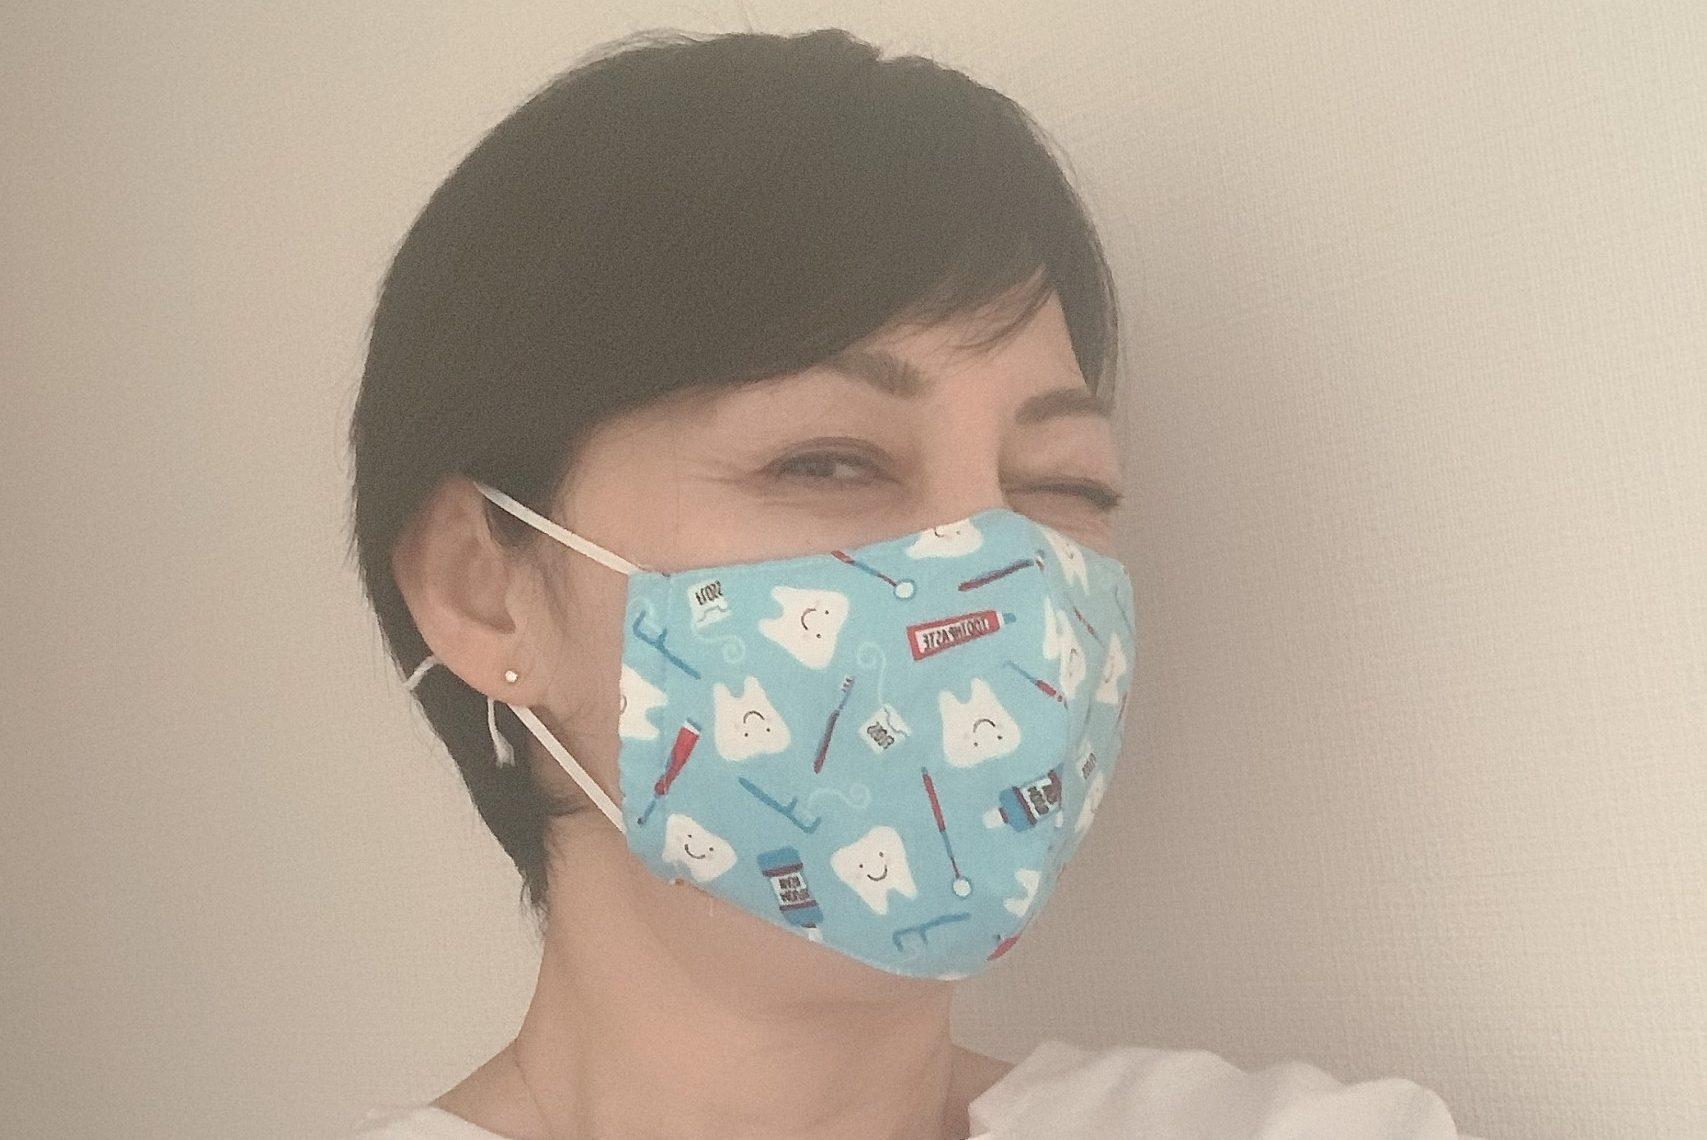 【動画あり】自粛の影響!? マスクの下に「顔たるみ」が!? 撃退エクササイズを50代人気歯科医が動画で公開!!